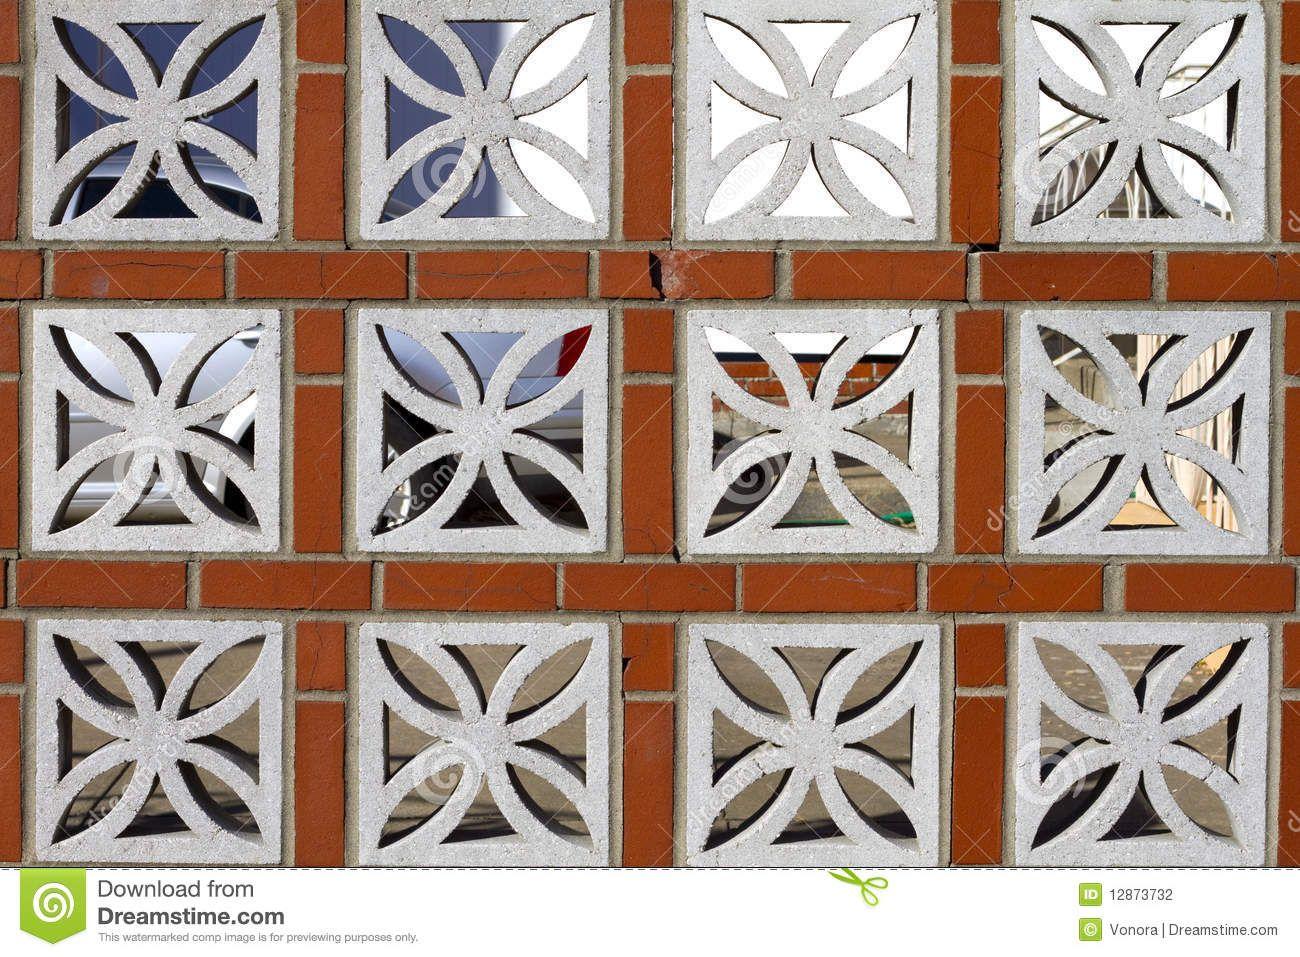 Bloques ornamentales de concreto buscar con google for Ladrillos falsos decorativos